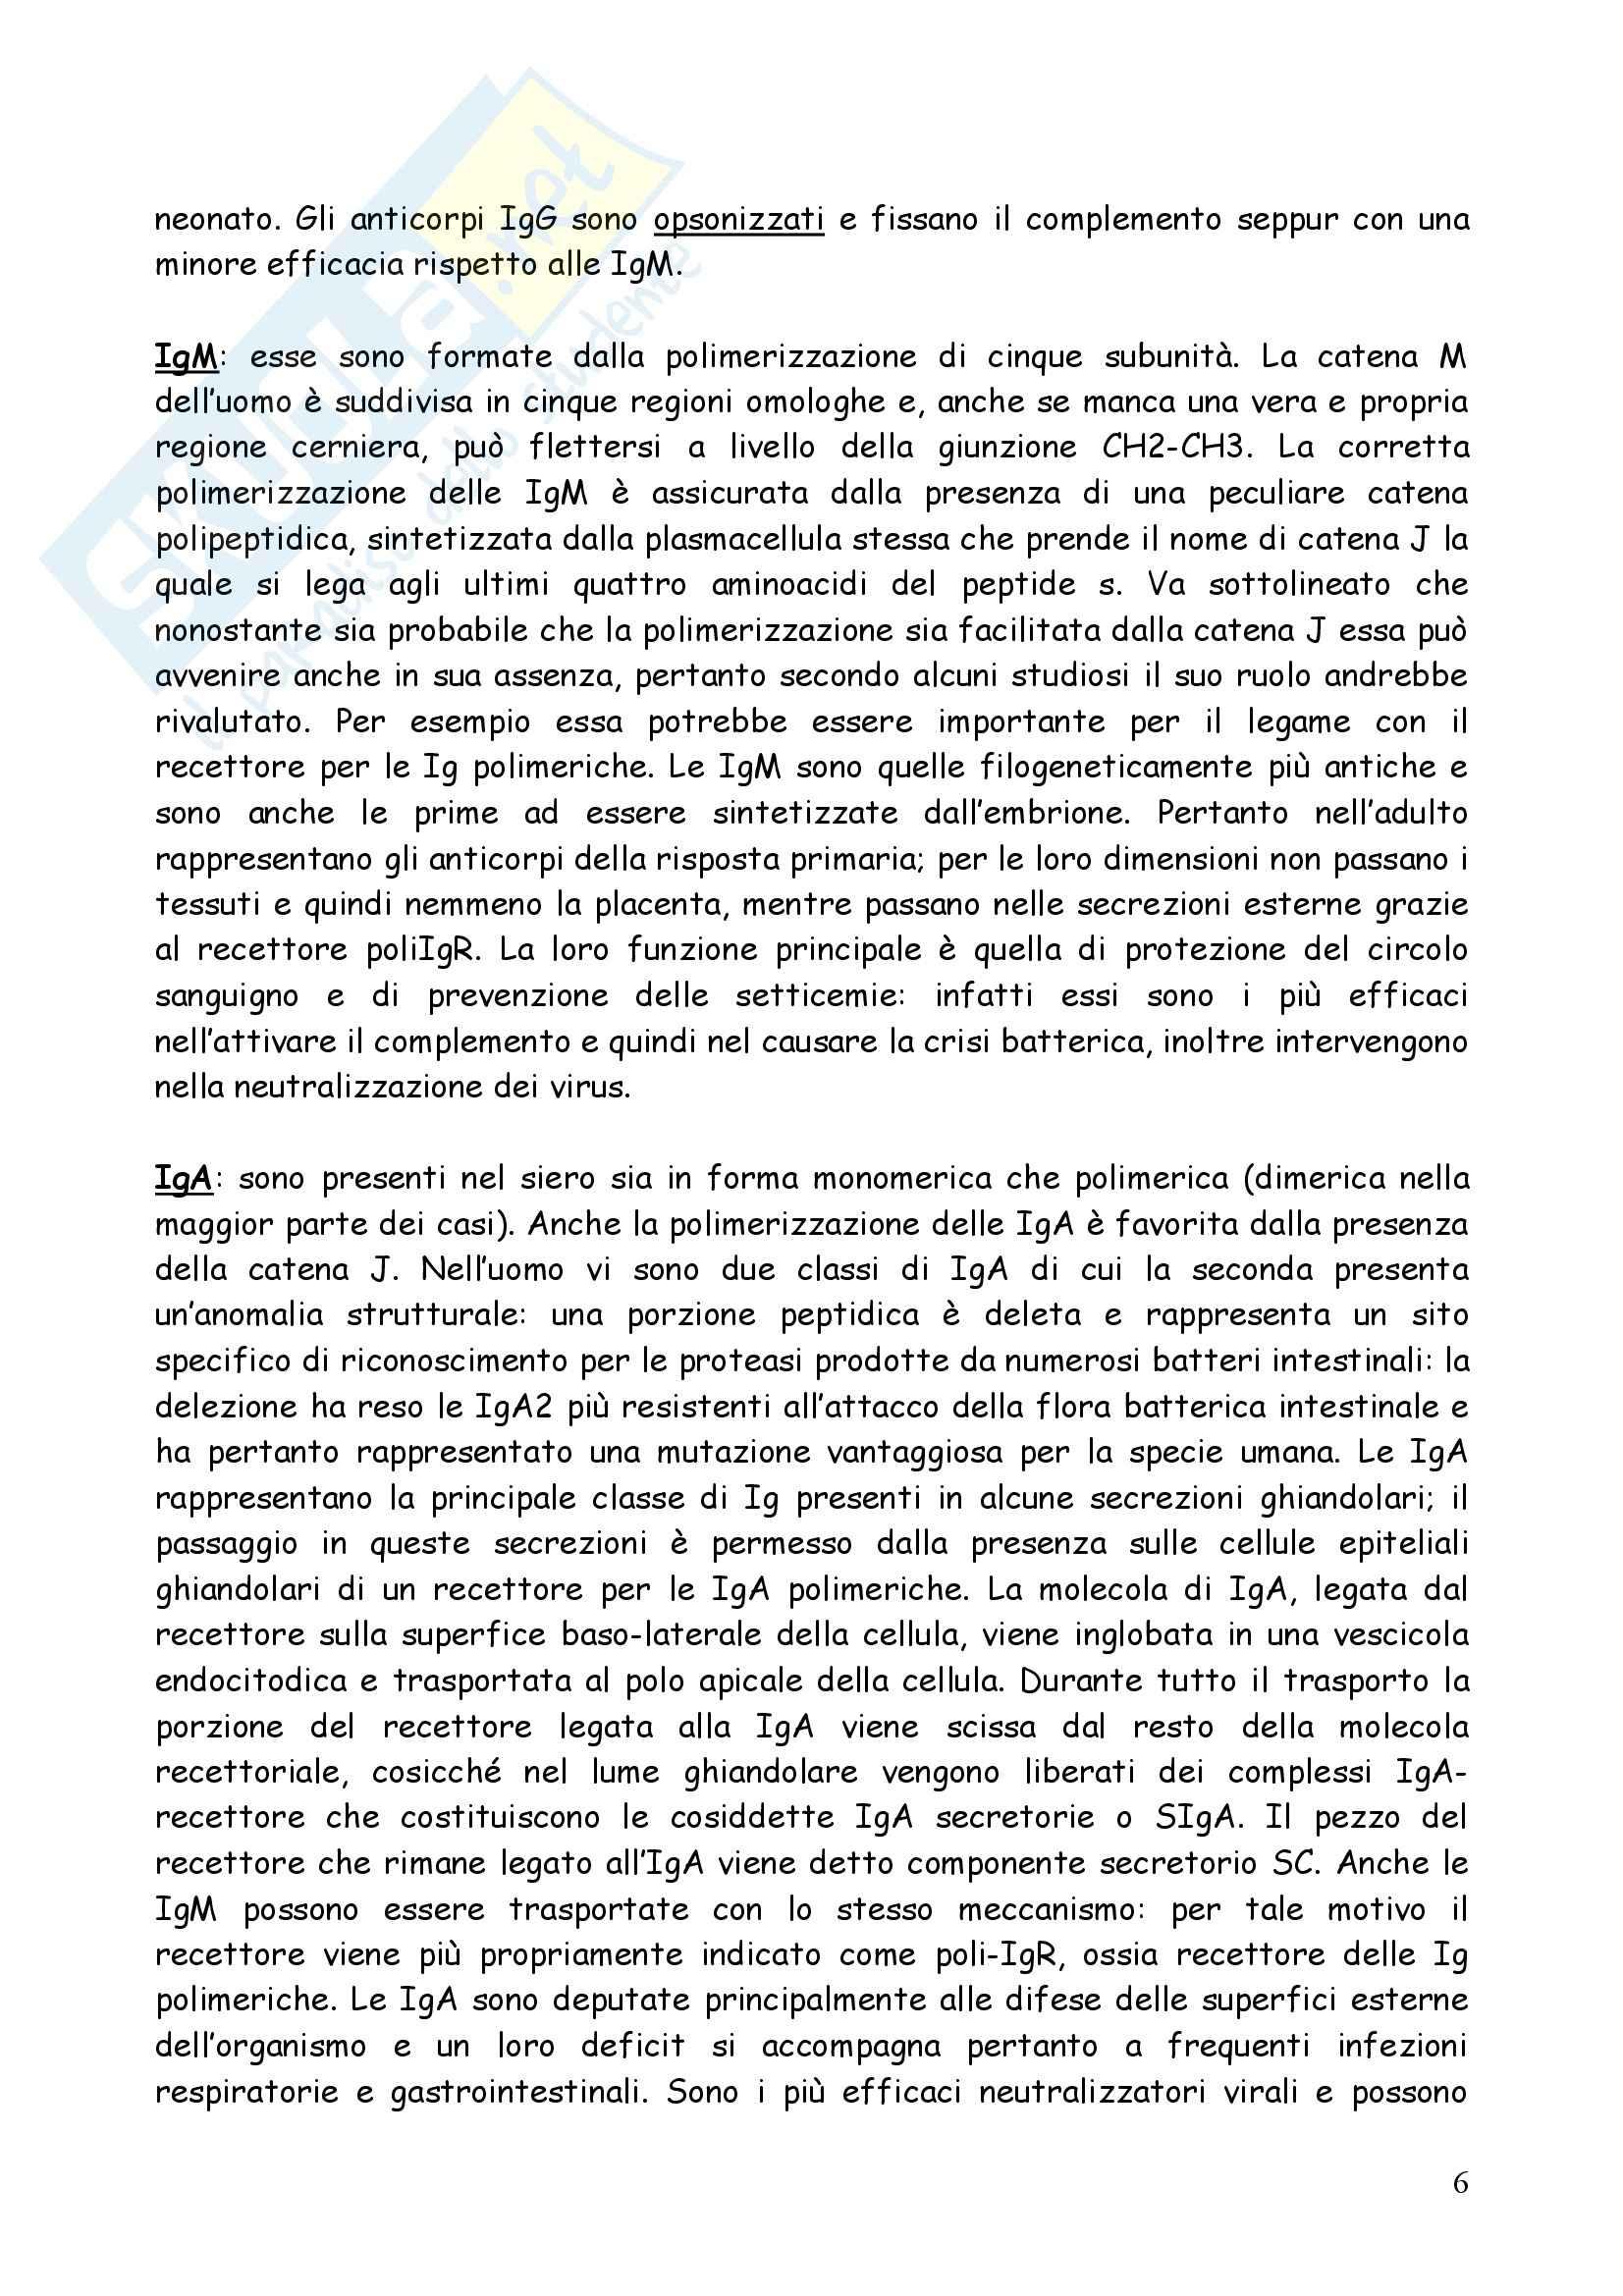 Immunologia – Immunologia e immunopatologia Pag. 6